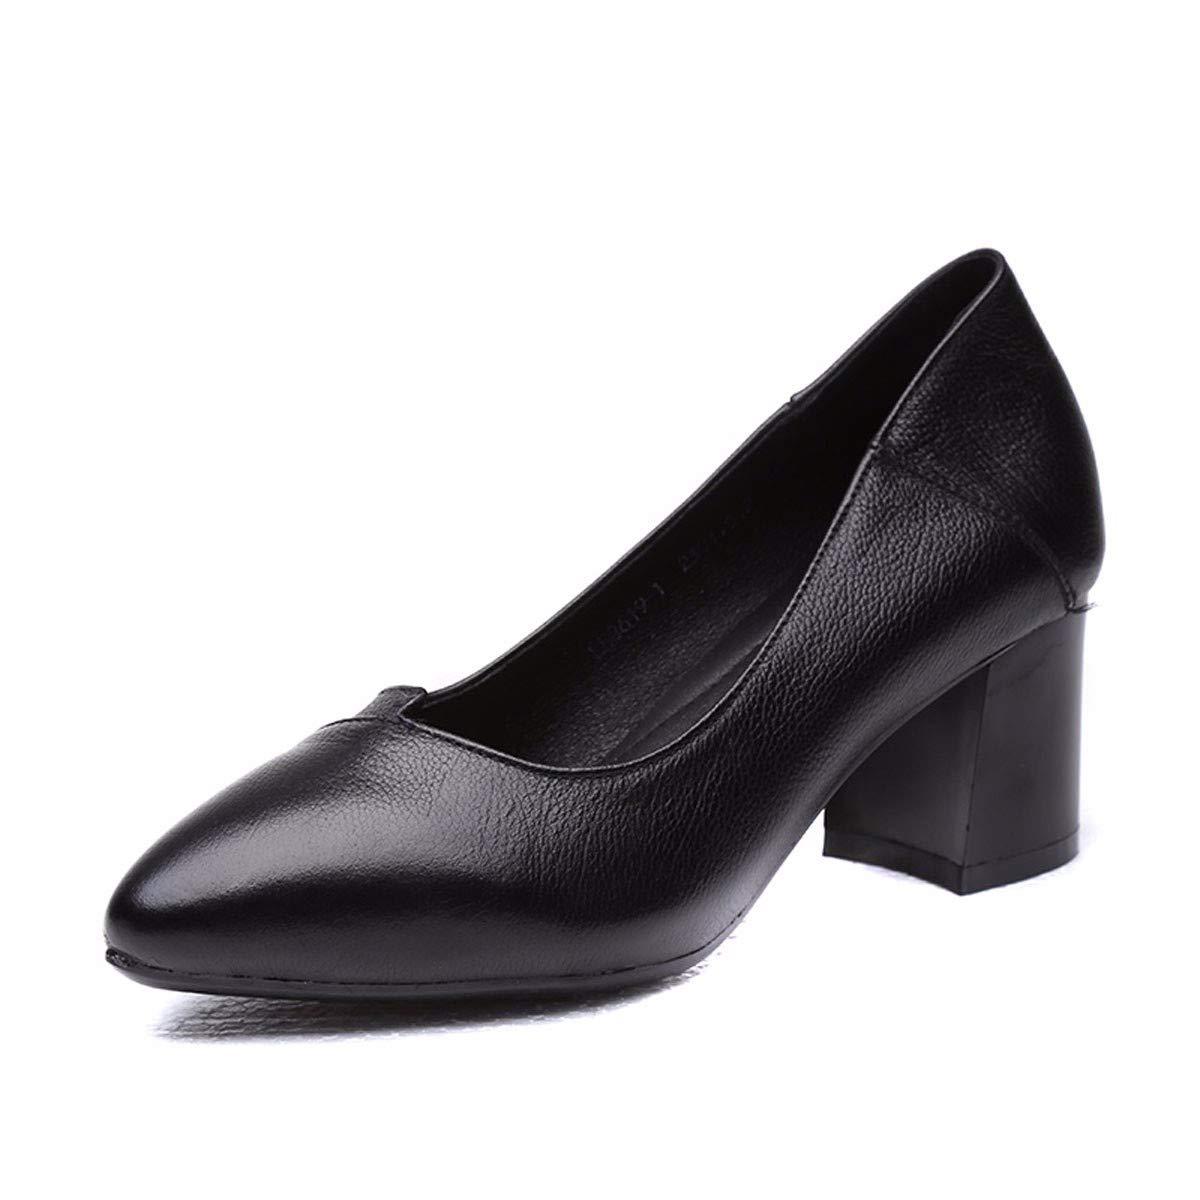 KPHY Damenschuhe/Meine Damen Lederschuhe Einzelne Schuhe Lässige Scherze Flachen Boden Flach Mund Hart Arbeiten Schuhe Damenschuhe.36 Schwarz